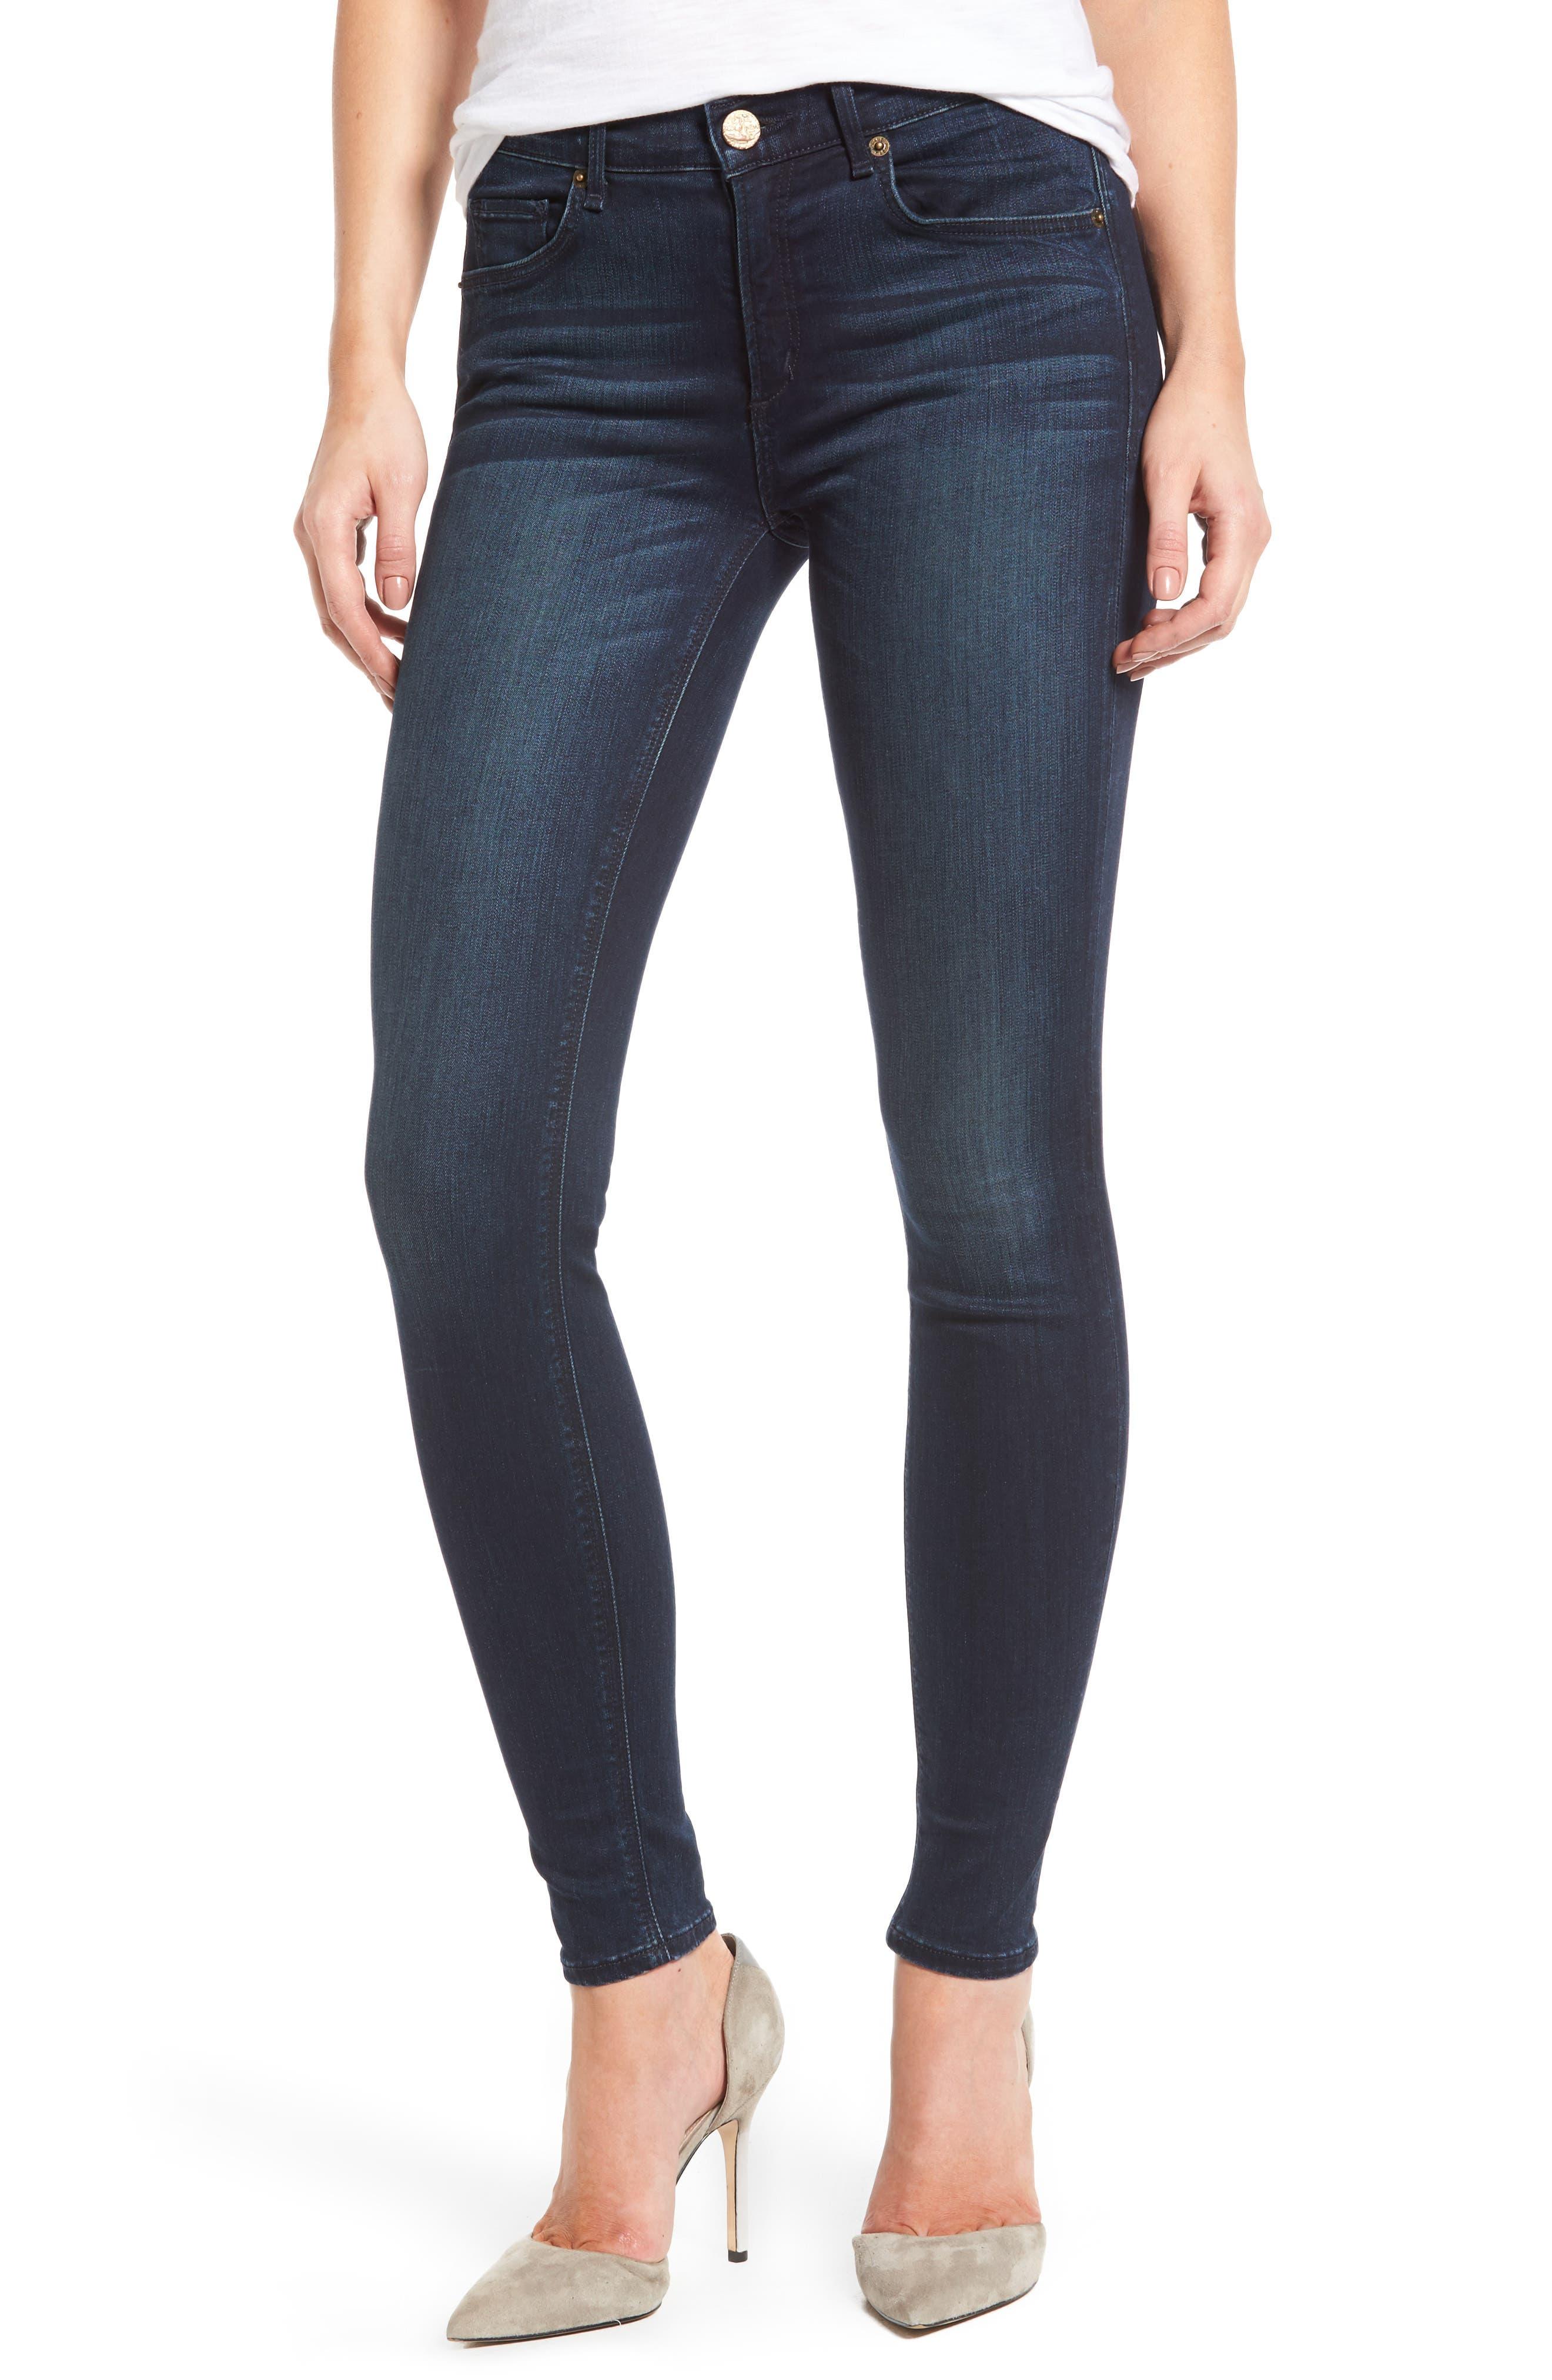 Alternate Image 1 Selected - McGuire Newton Skinny Jeans (Bishop)